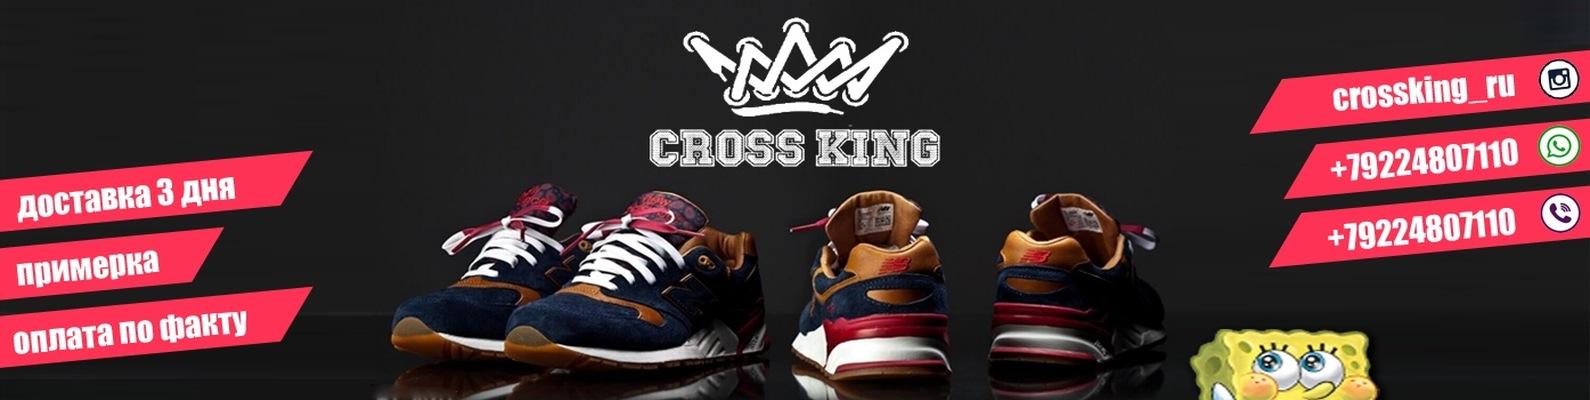 d17976d759a9 CrossKing - магазин спортивной обуви   ВКонтакте